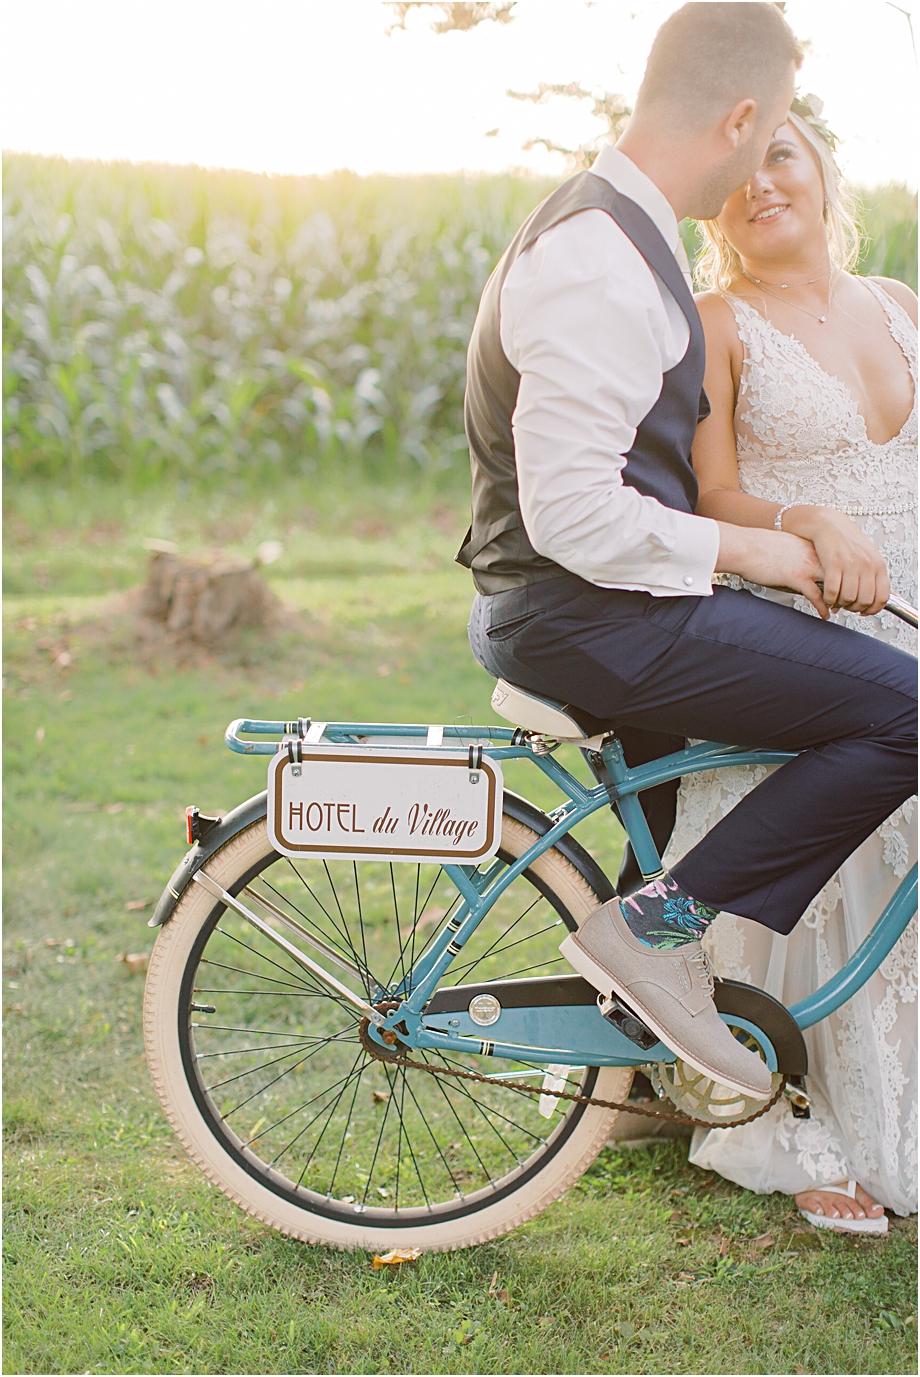 hotel du village bike portrait